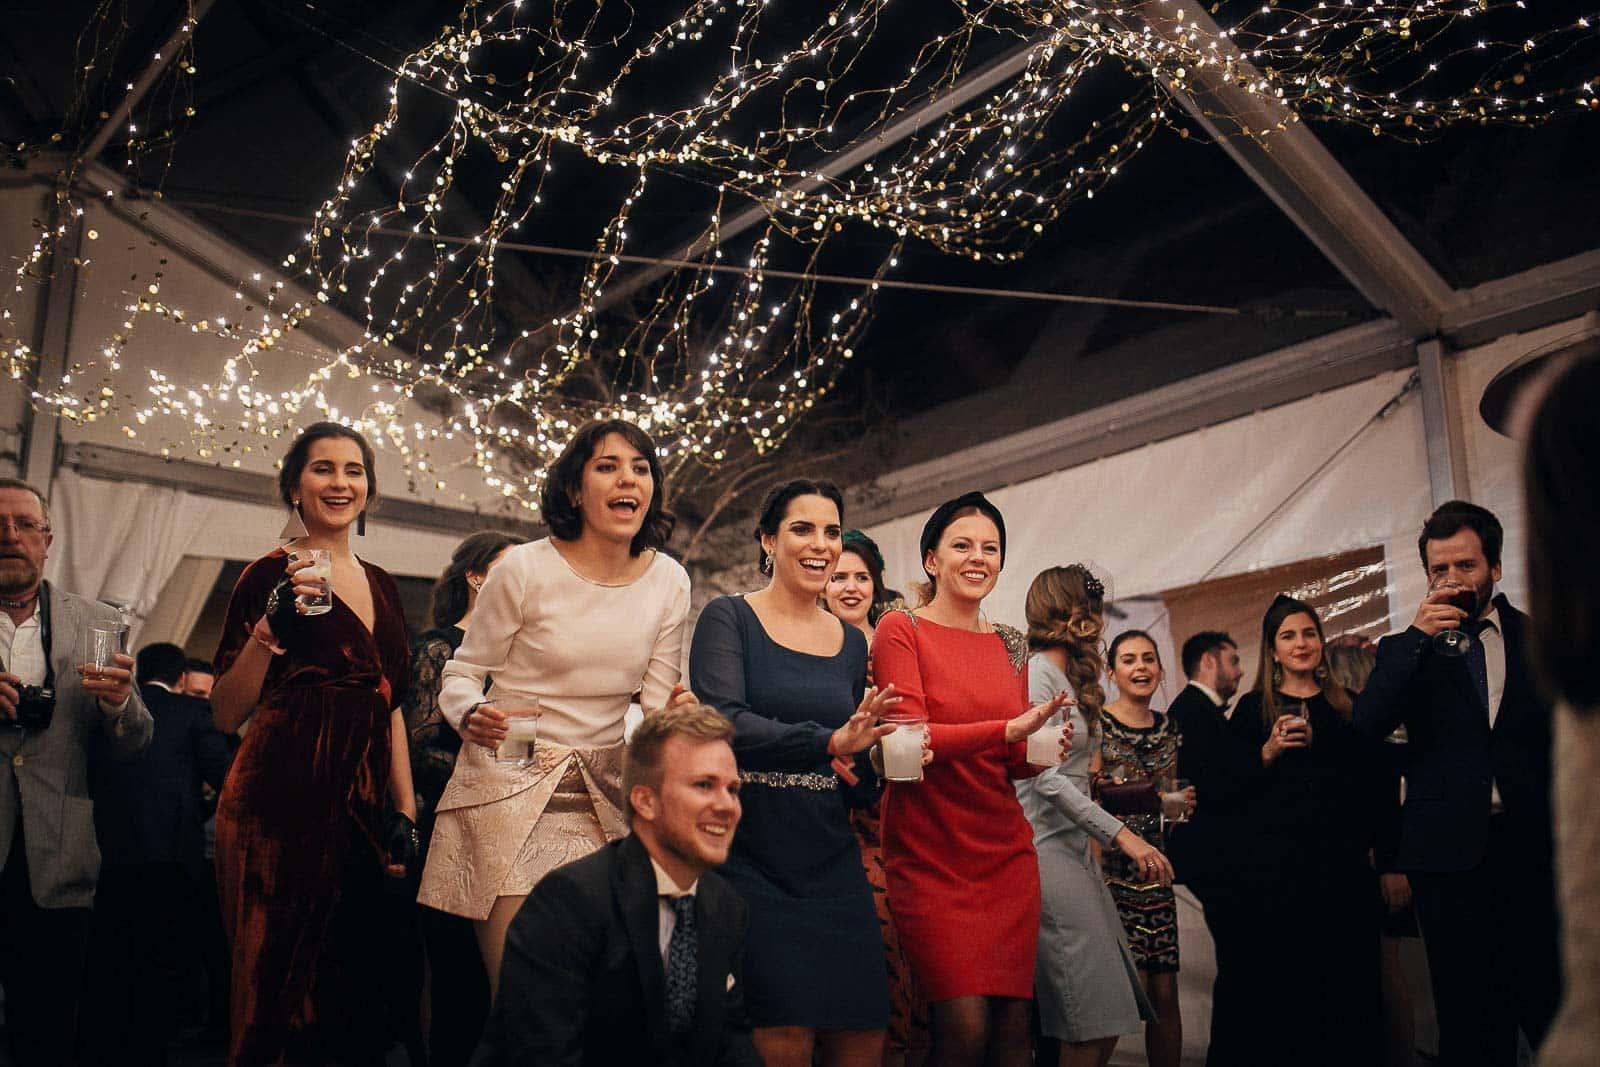 invitados fiesta baile luces boda decoracion